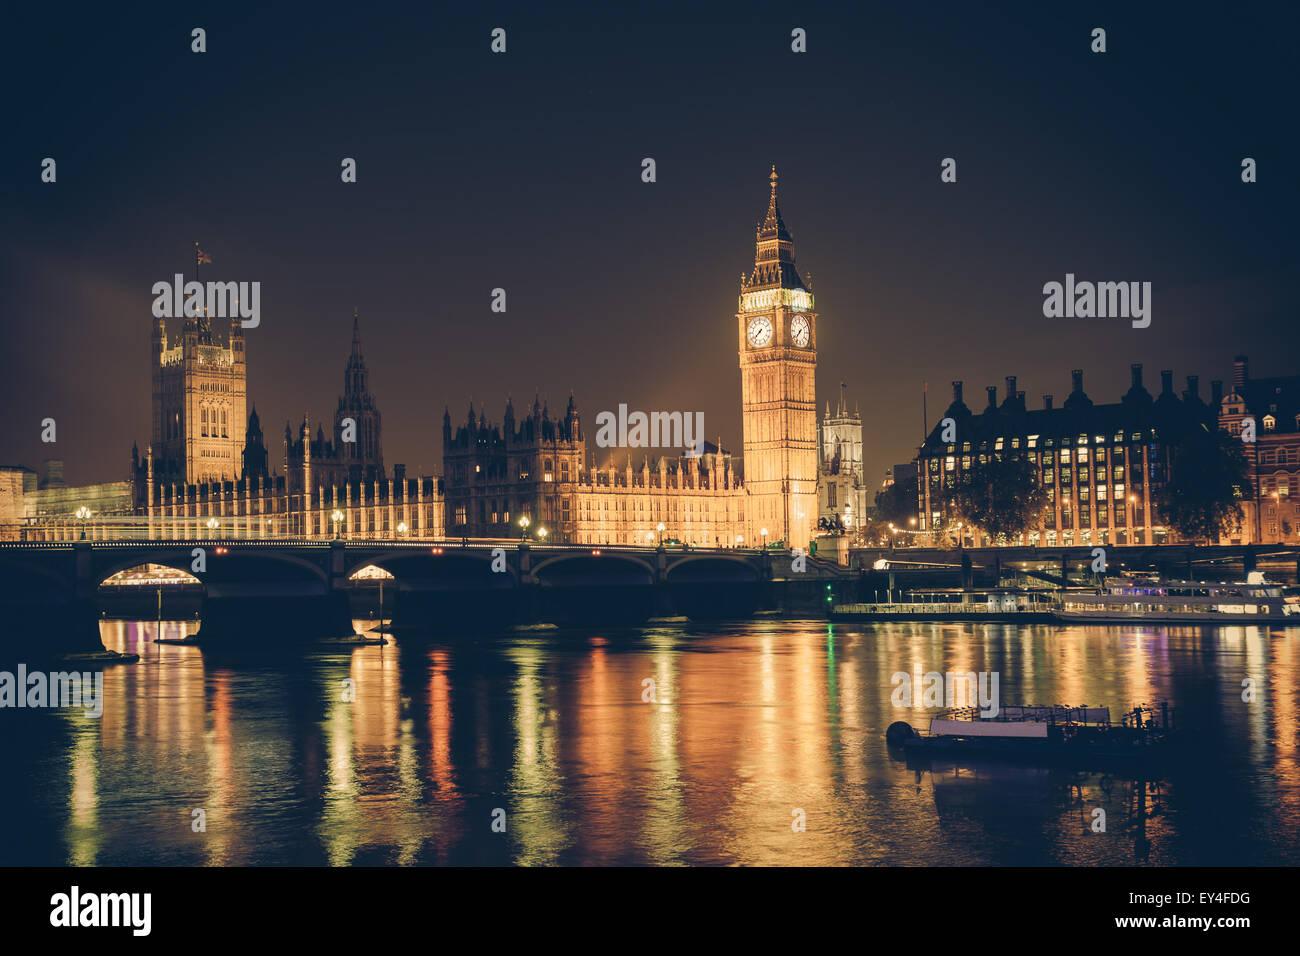 Vista del Big Ben y Westminster en Thames River en la noche. Esta imagen tiene un filtro de efecto retro Foto de stock